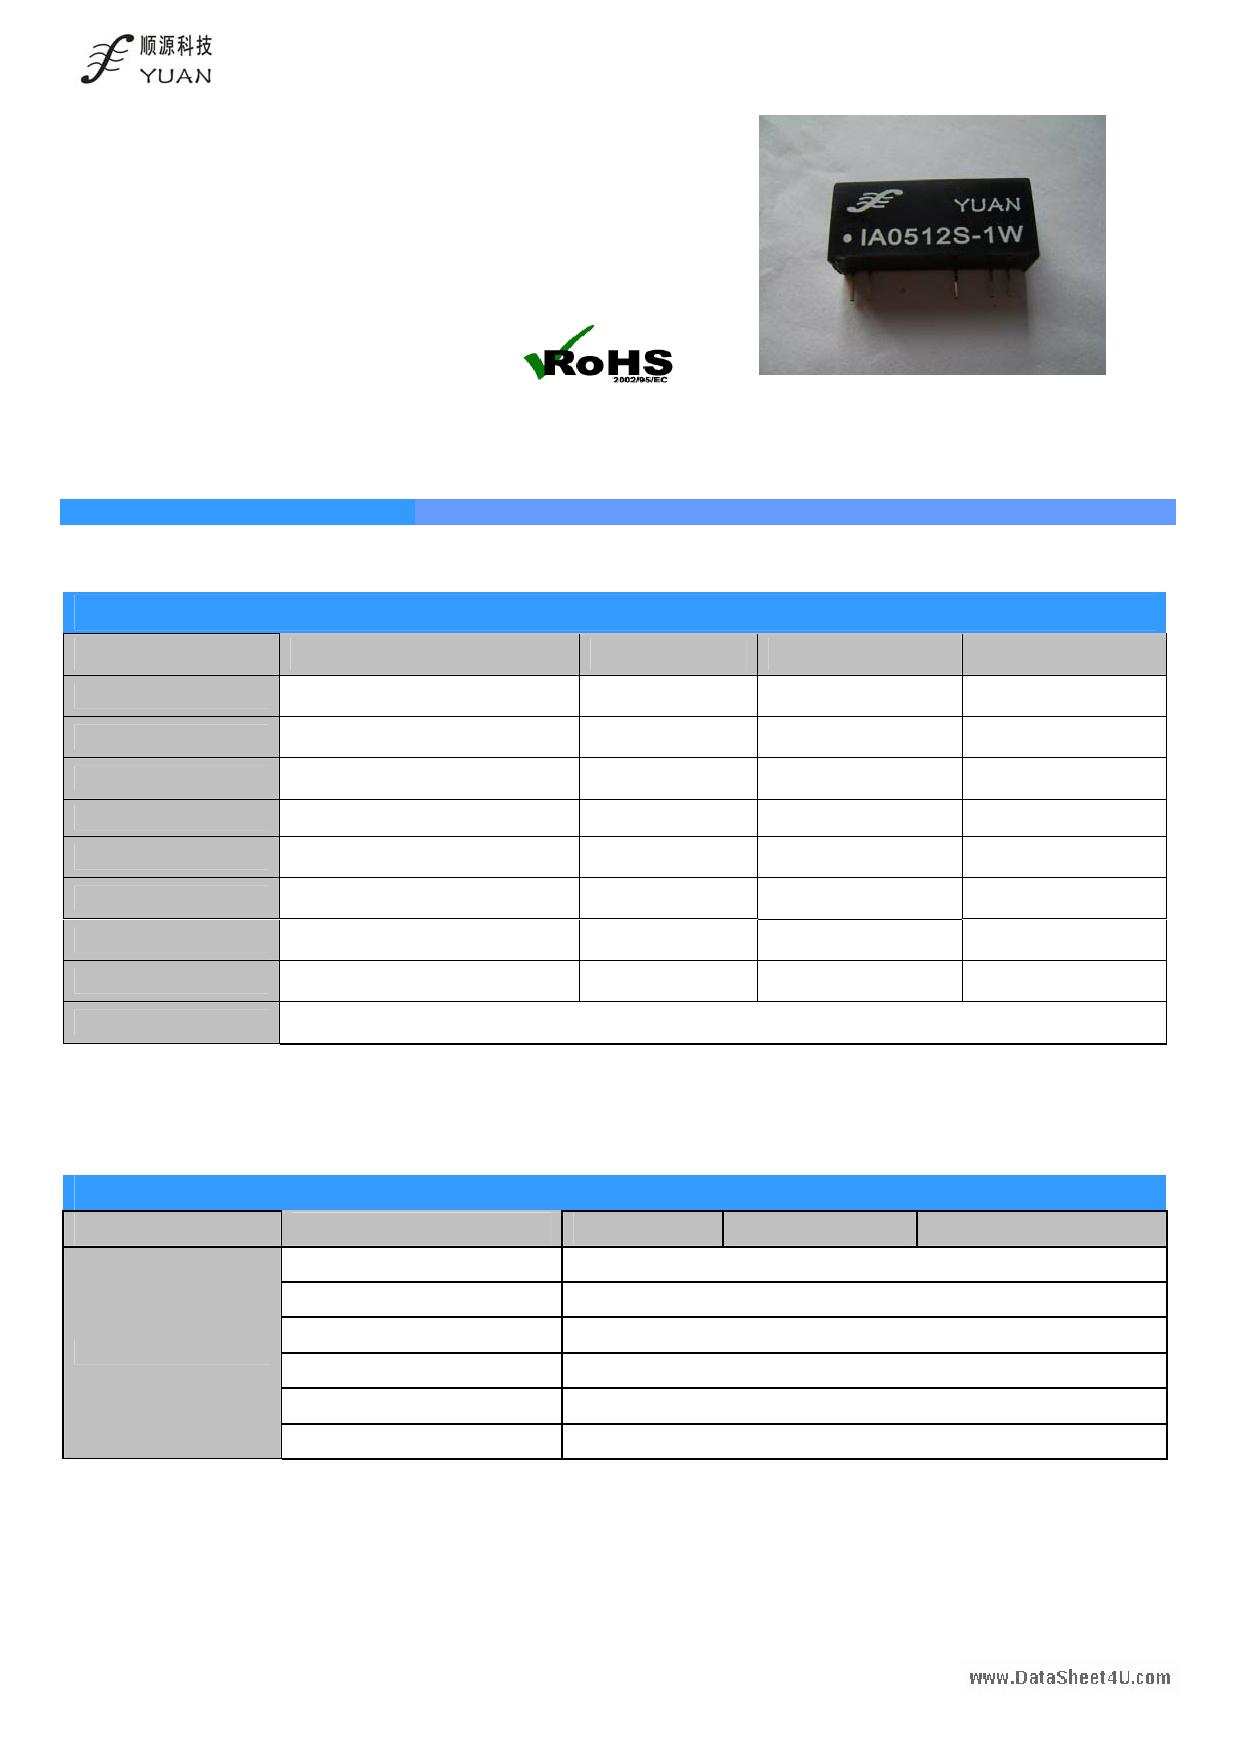 IA12xxS-1W دیتاشیت PDF